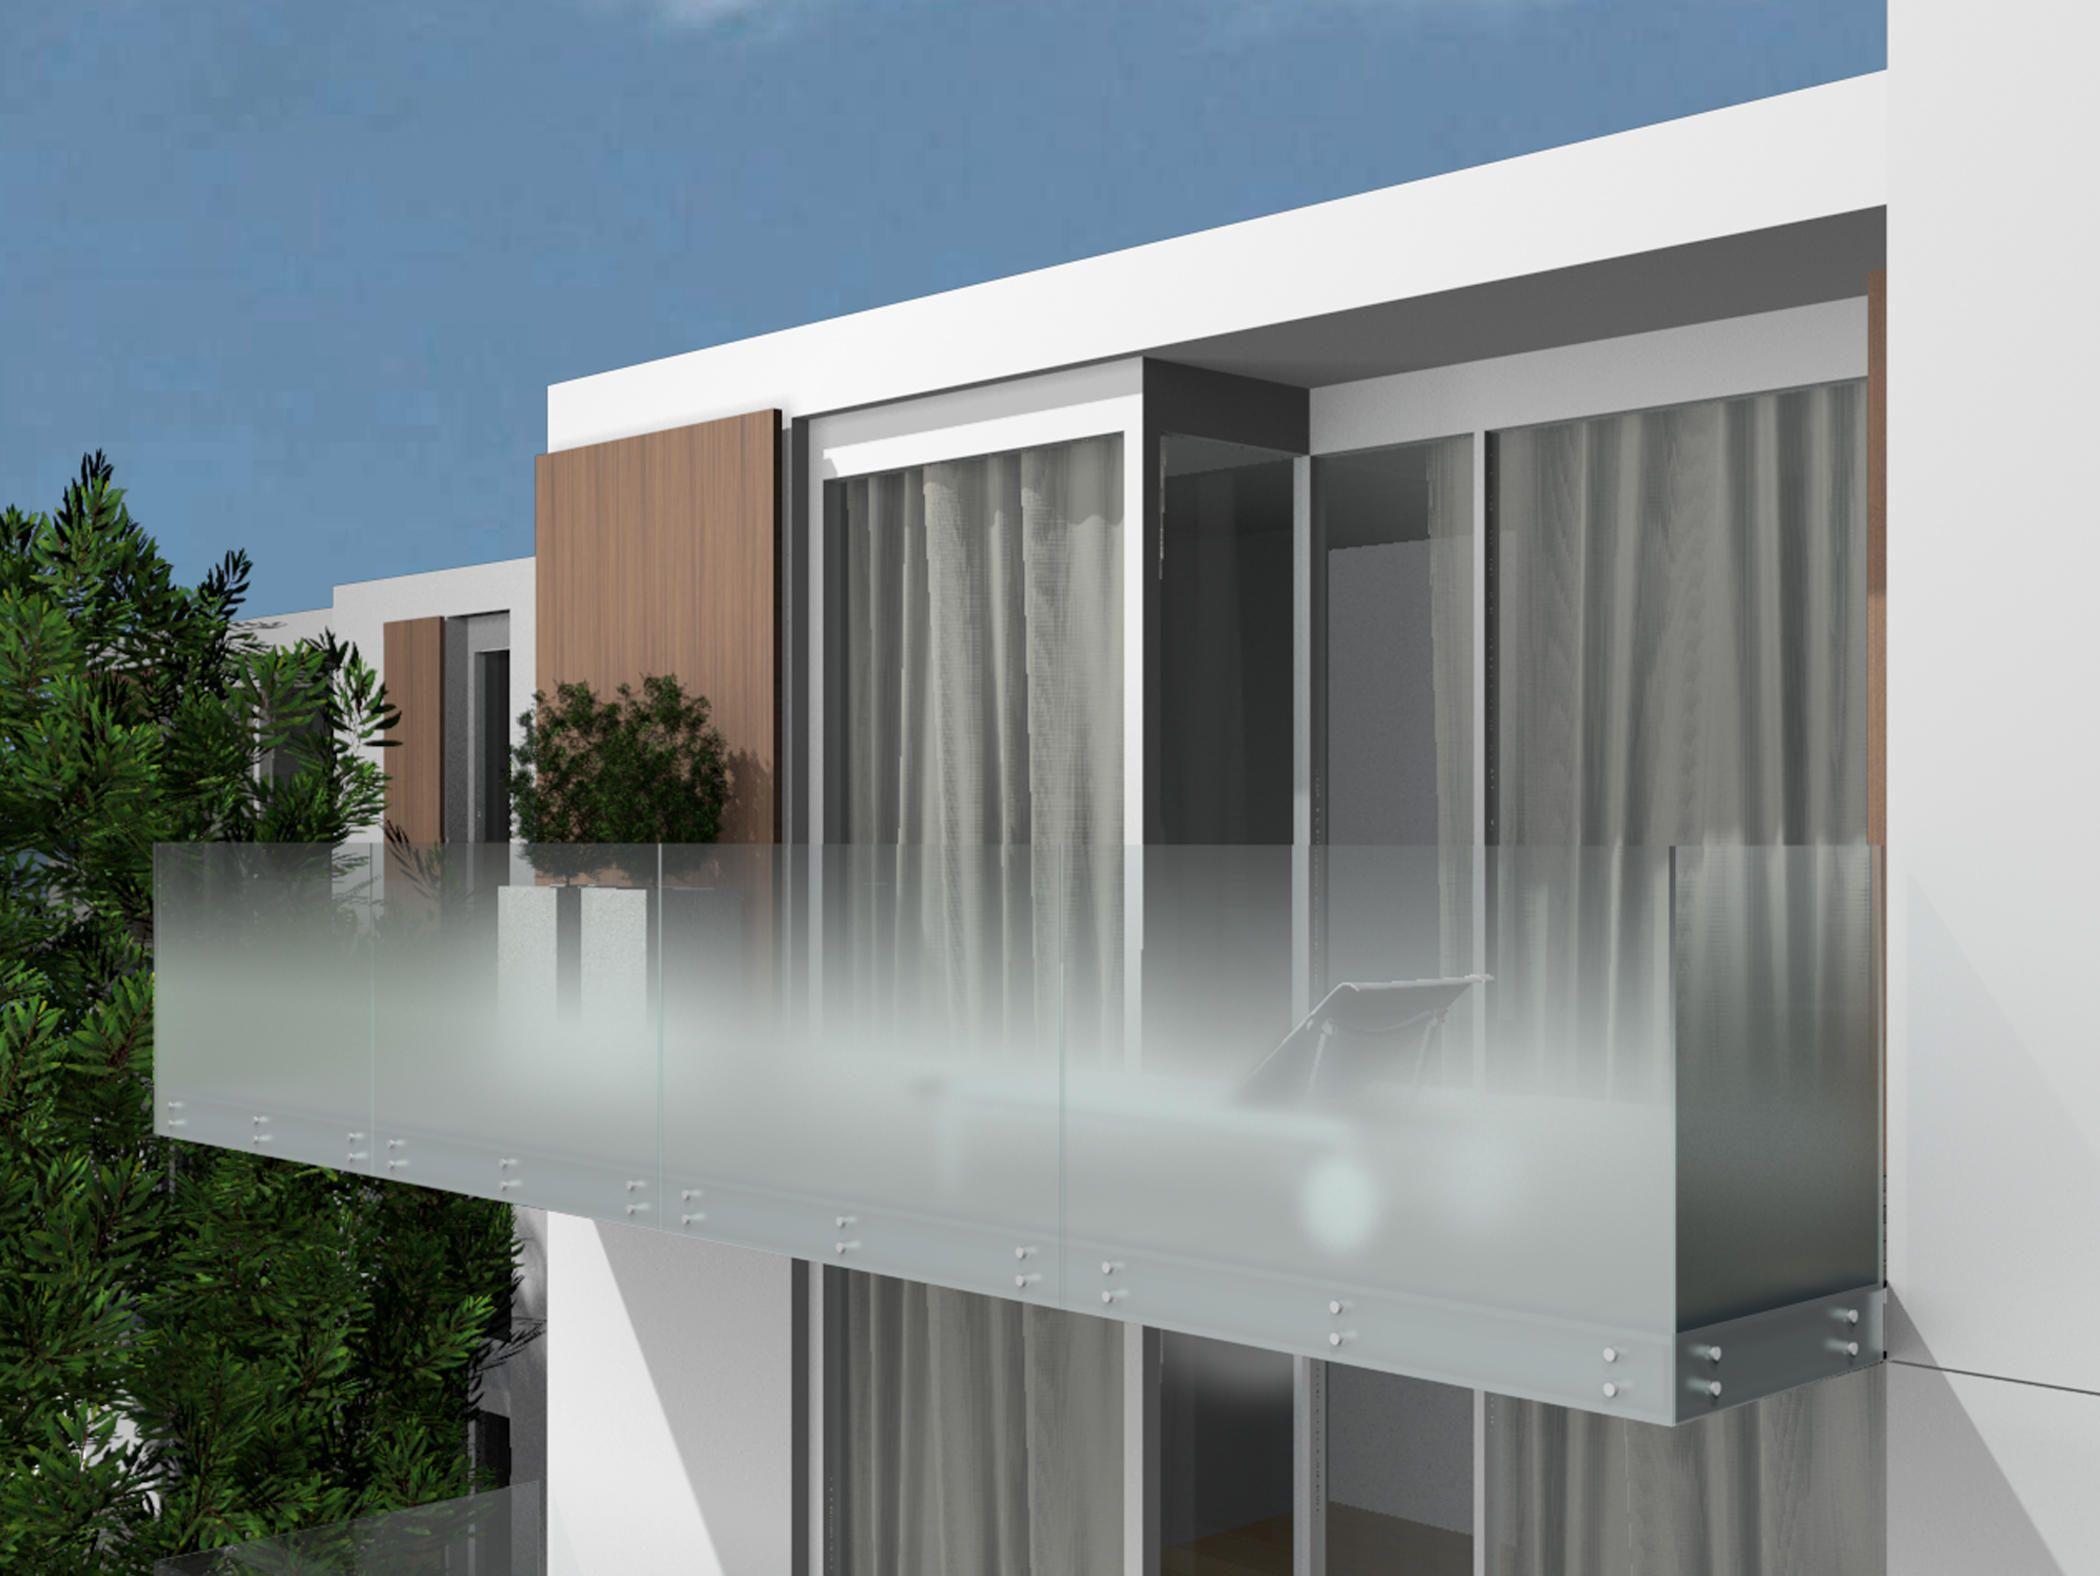 Madras® Nuvola von Vitrealspecchi | Balkonverglasung | border ...